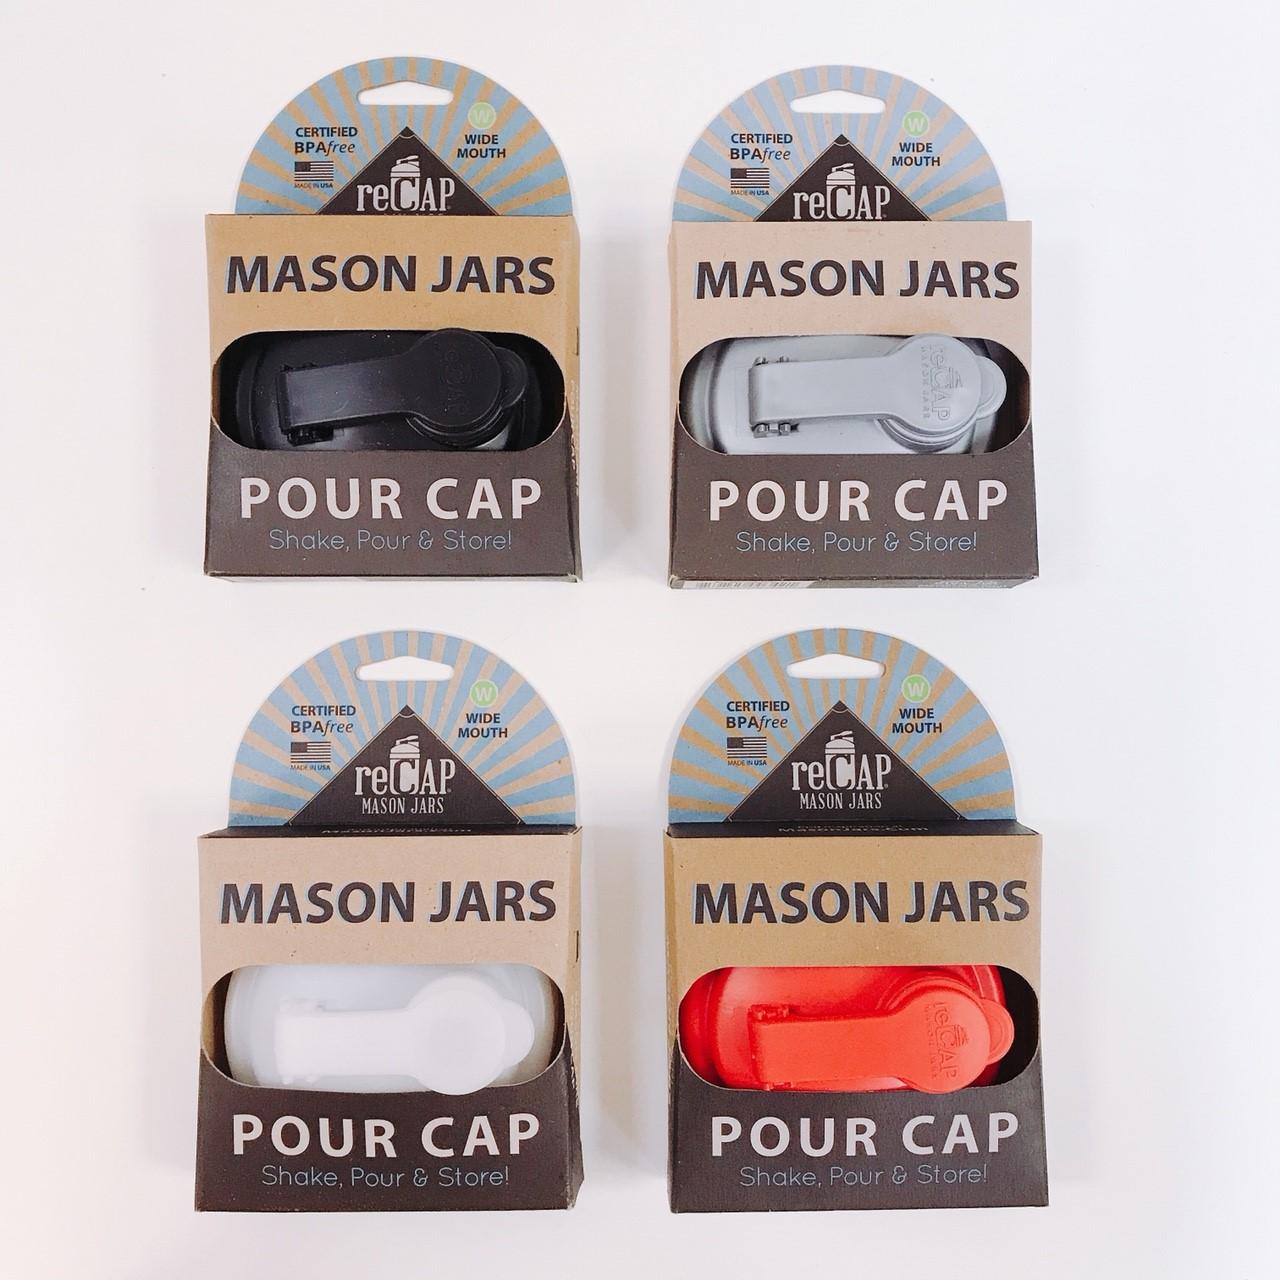 美國 reCAP 梅森罐專用 飲料隨行杯蓋 (黑色)